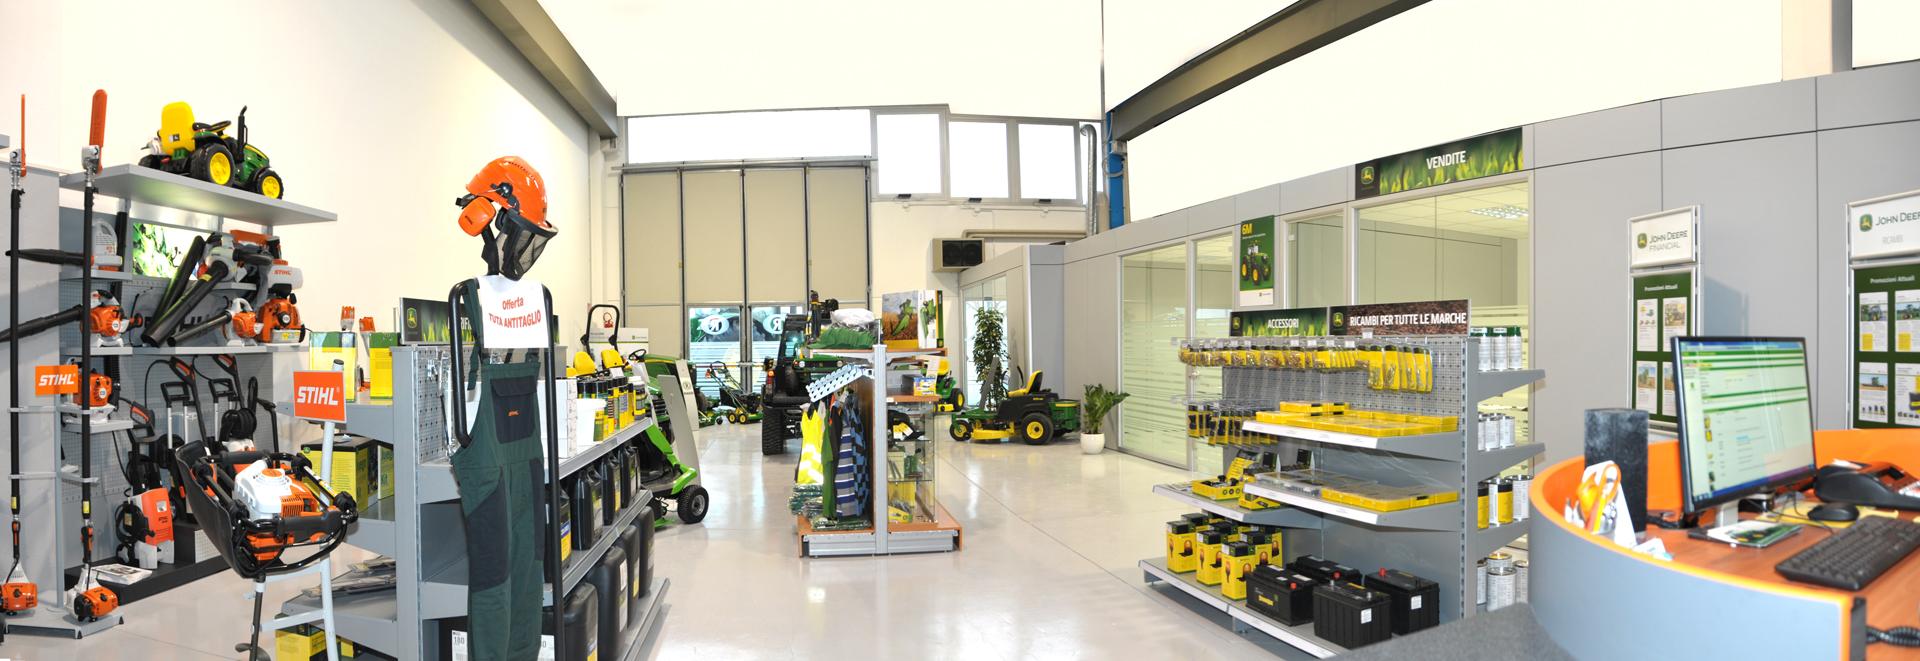 Raggi Cesena: officina e magazzino specializzato John Deere